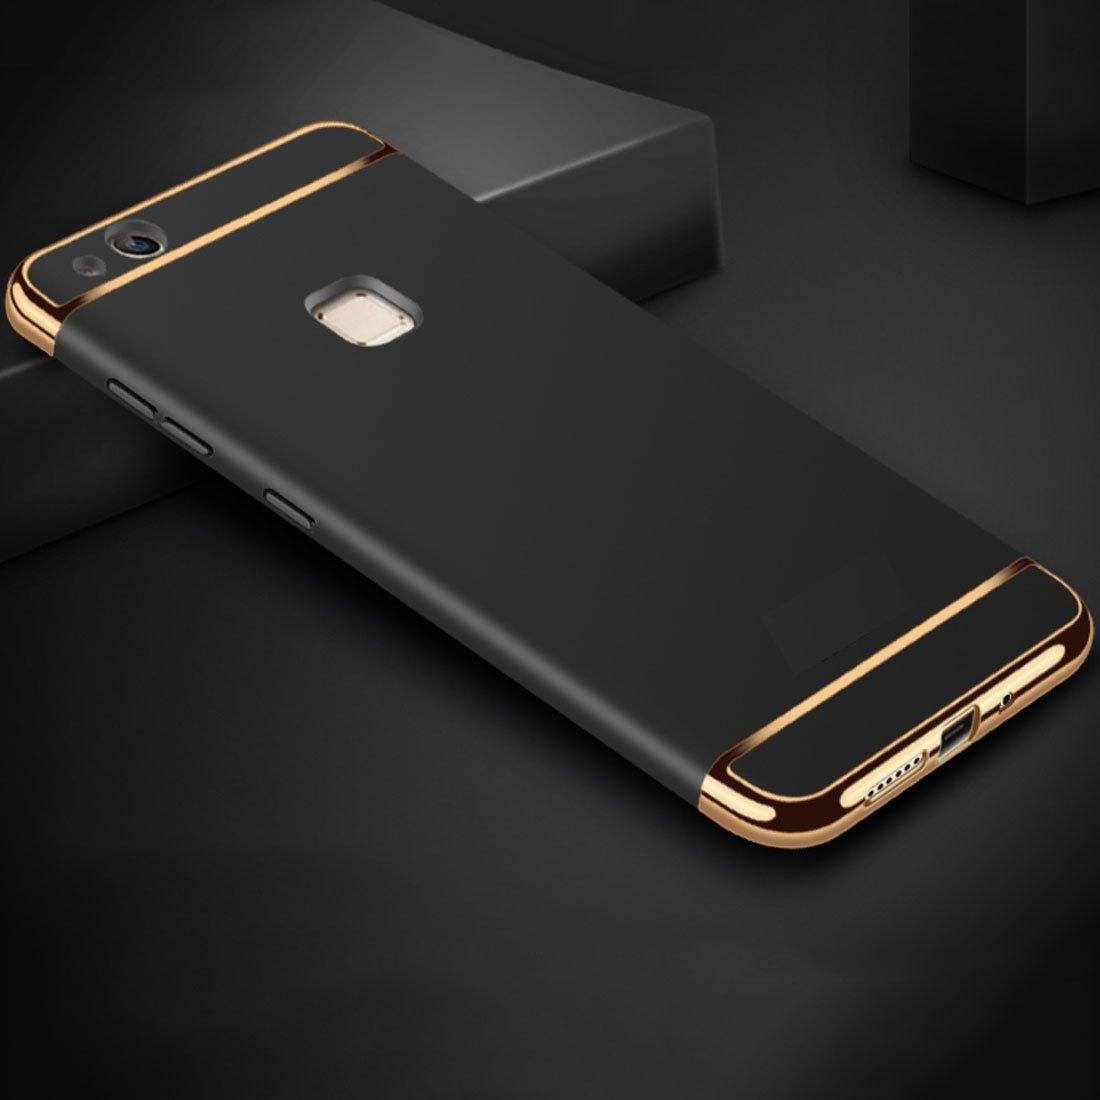 könig-shop Funda de móvil carcasa de protección para Huawei P10 LITE CARCASA 3 en 1 Cubierta Cromo N...